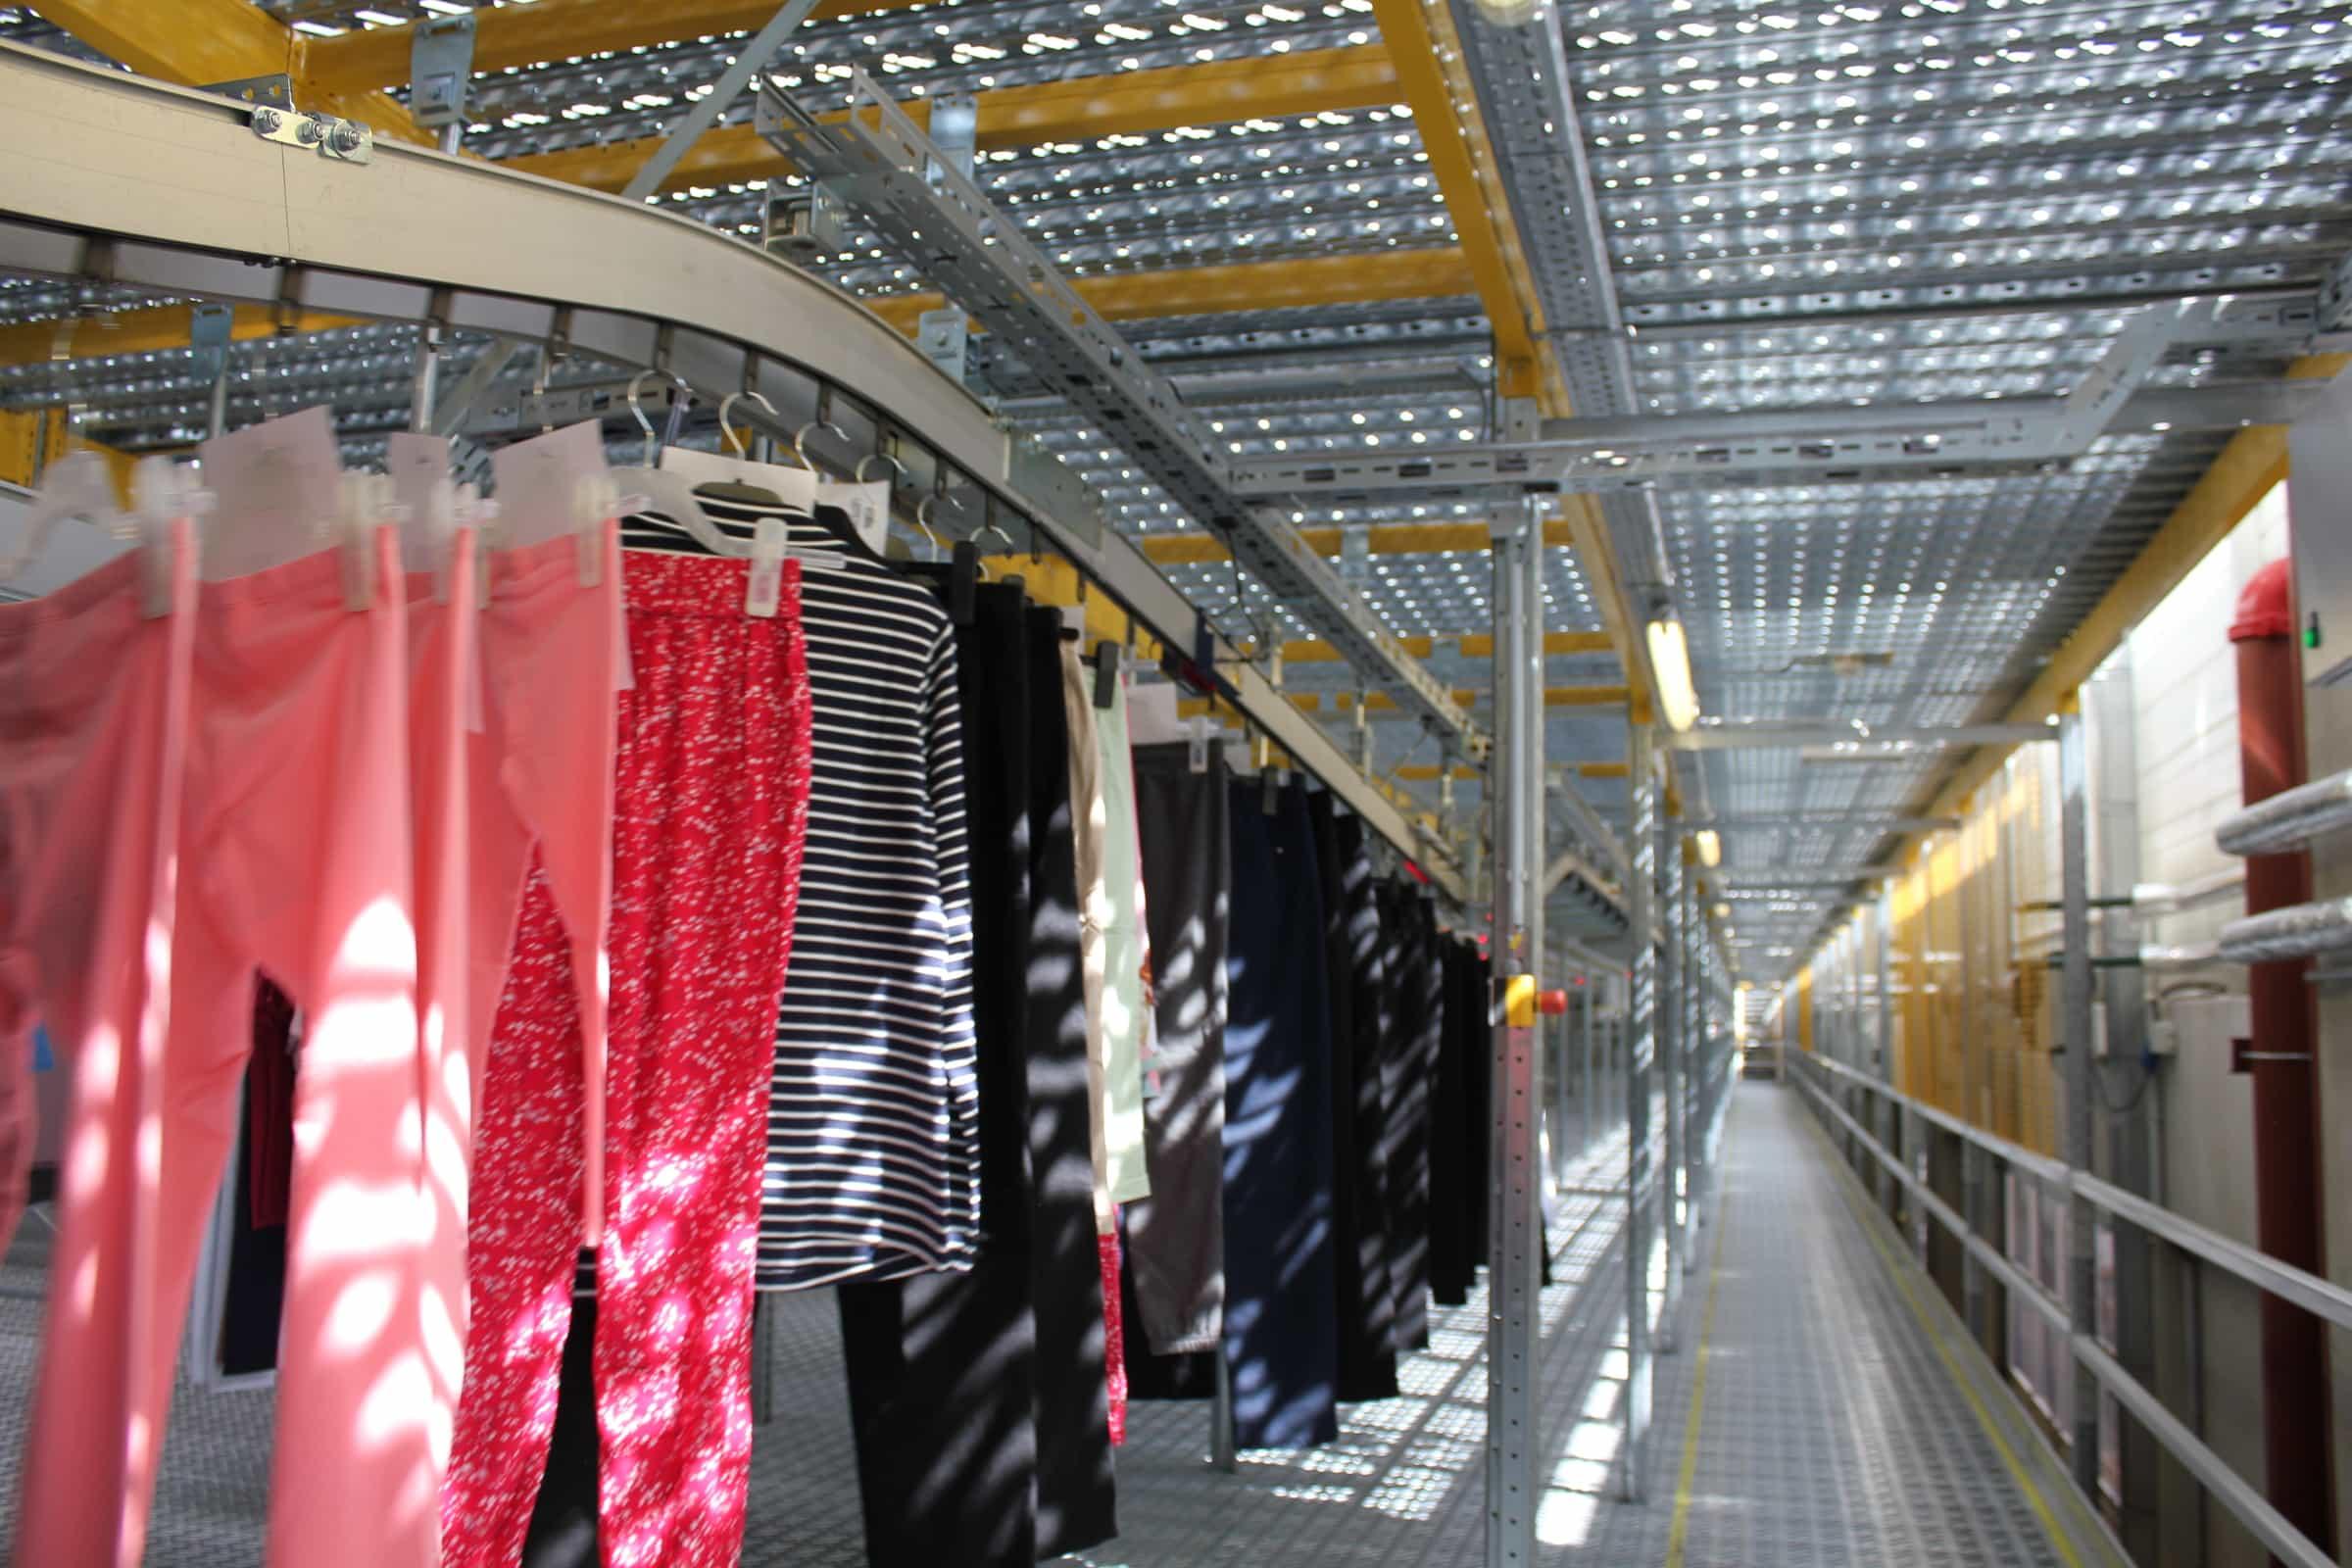 Lagerhalle mit Kleidern, Hosen, Jacken, etc.